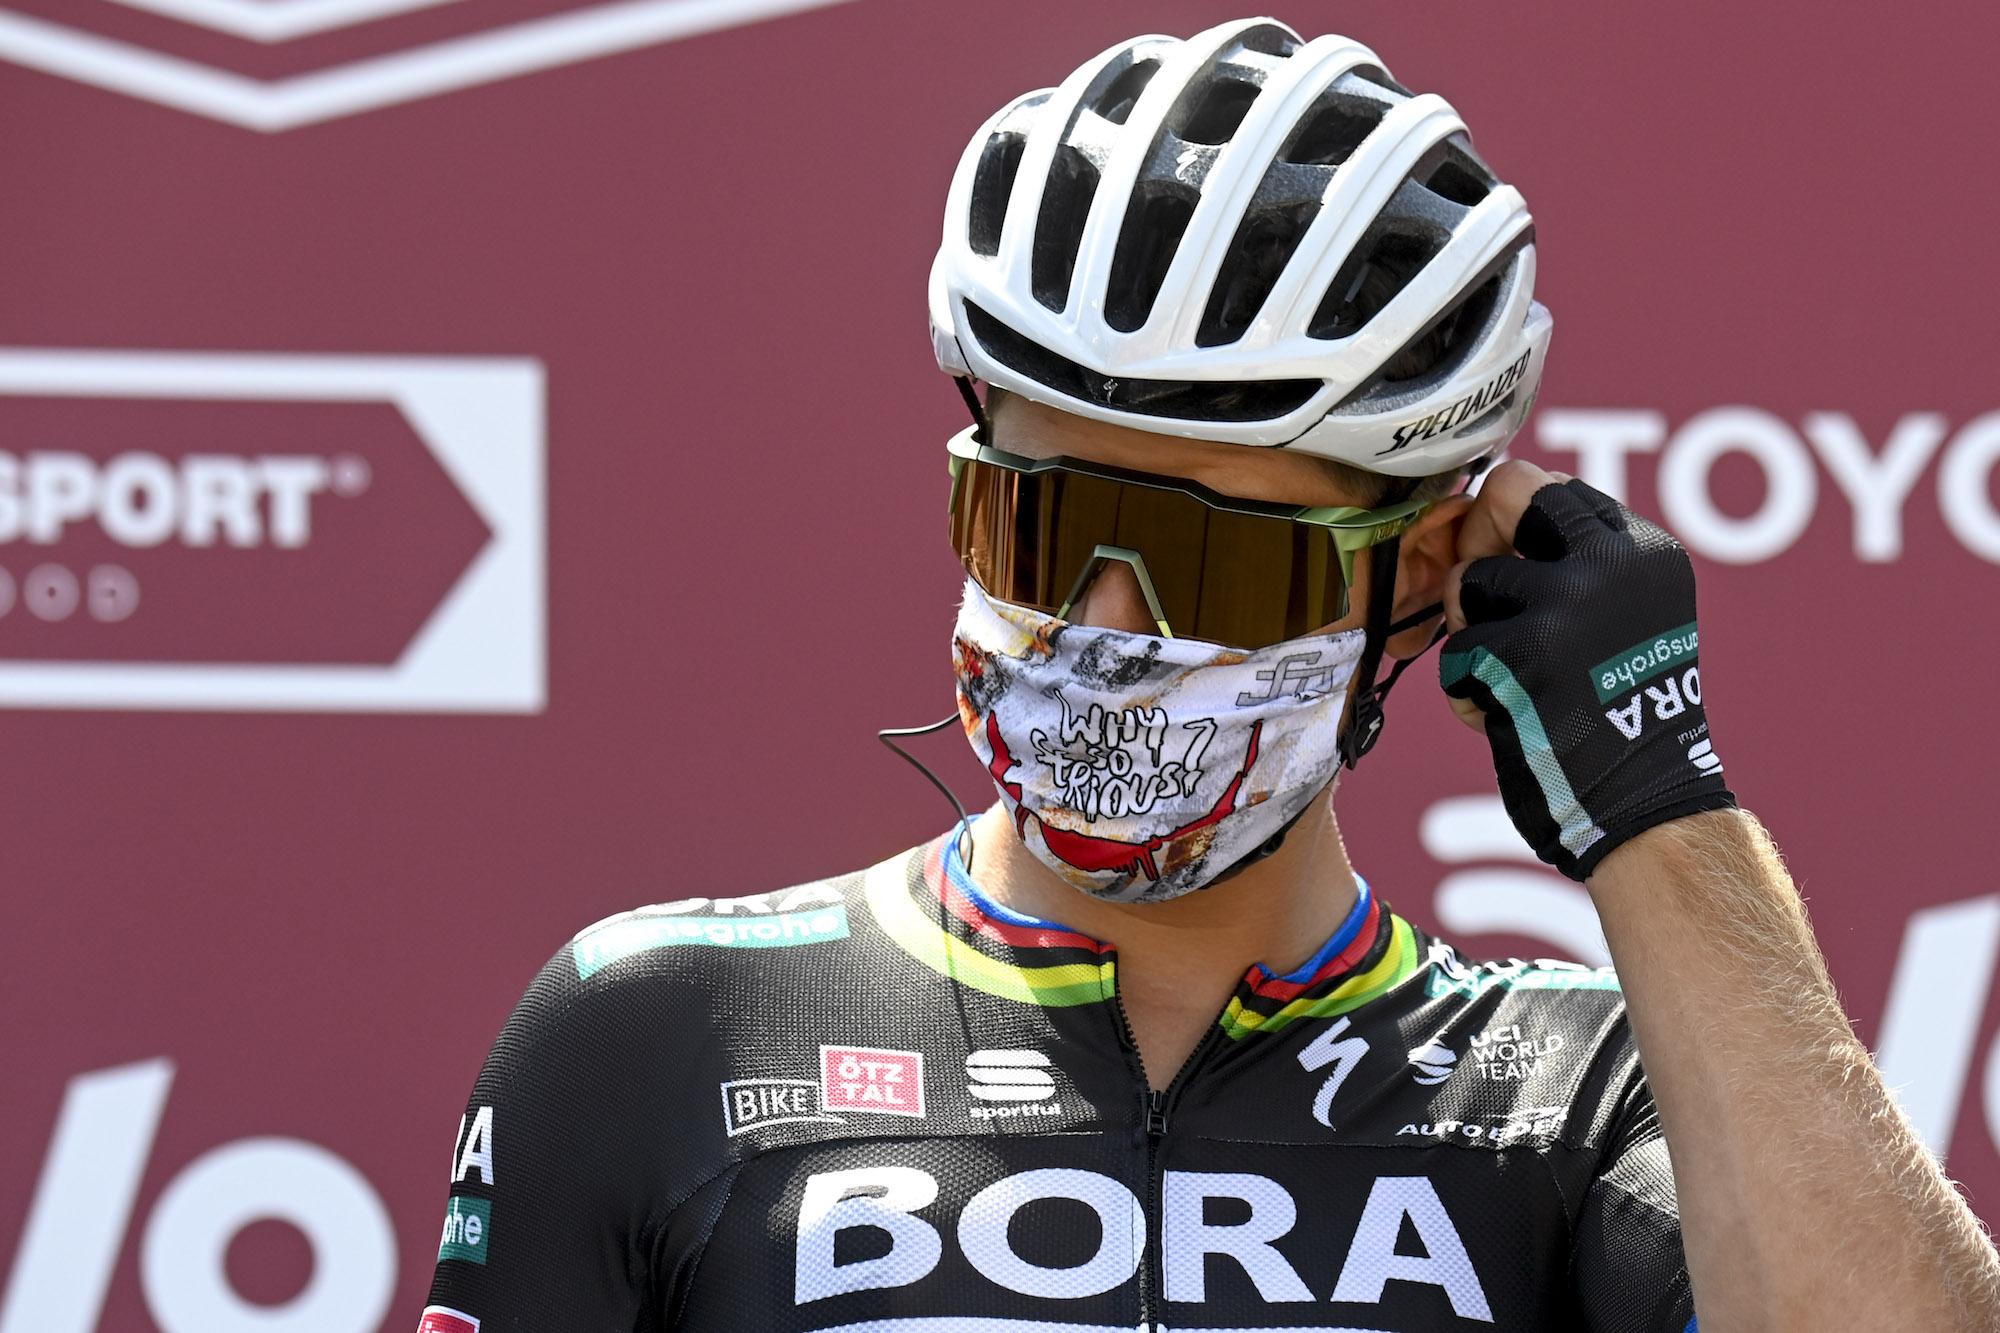 Peter Sagan se vio obligado a perderse el fin de semana inaugural de los clásicos después de contraer coronavirus, según un informe